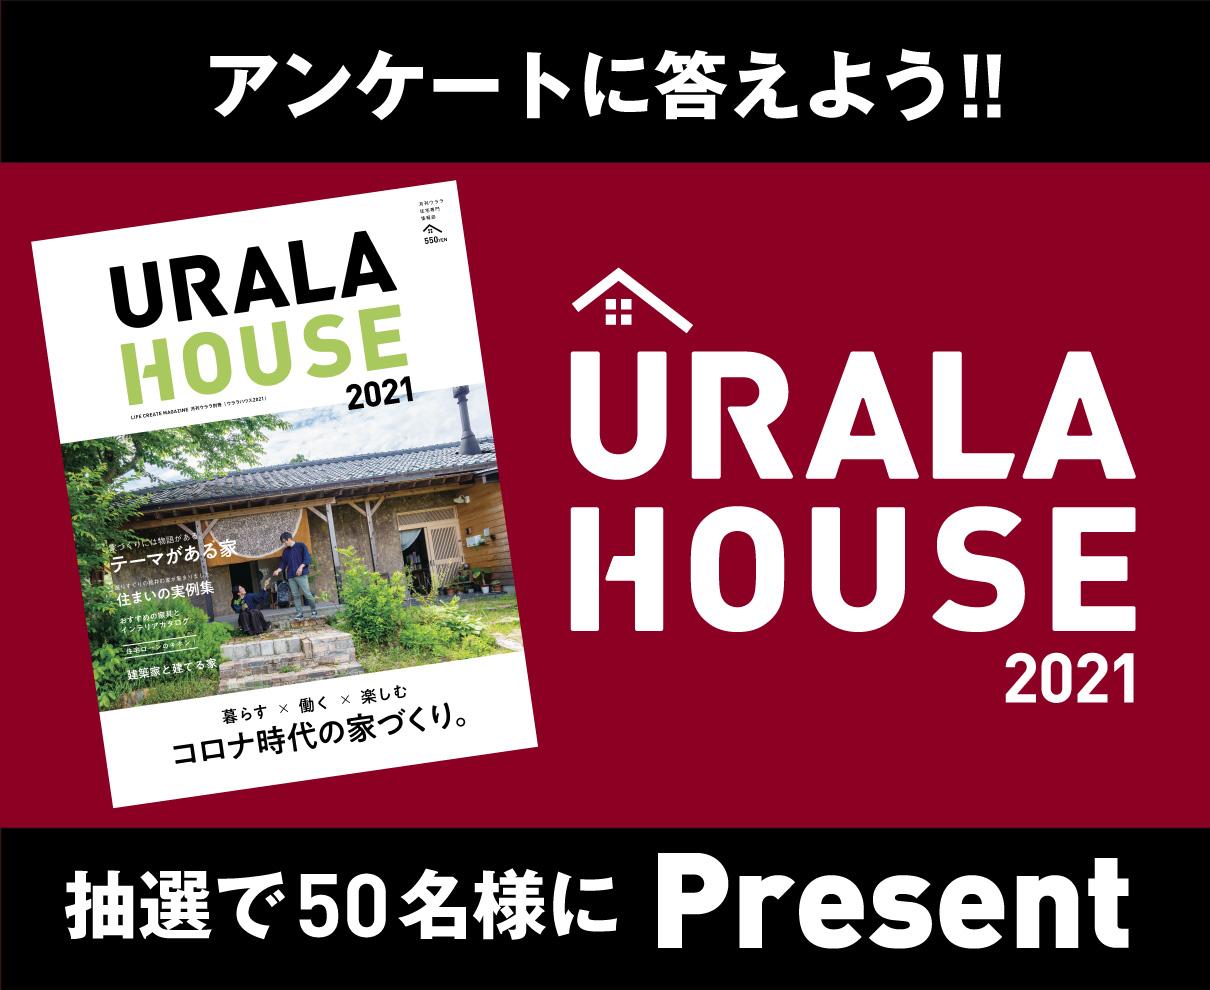 【終了】新築の計画があるなら。アンケートに答えて、抽選で月刊ウララ別冊・住宅情報誌をプレゼント。